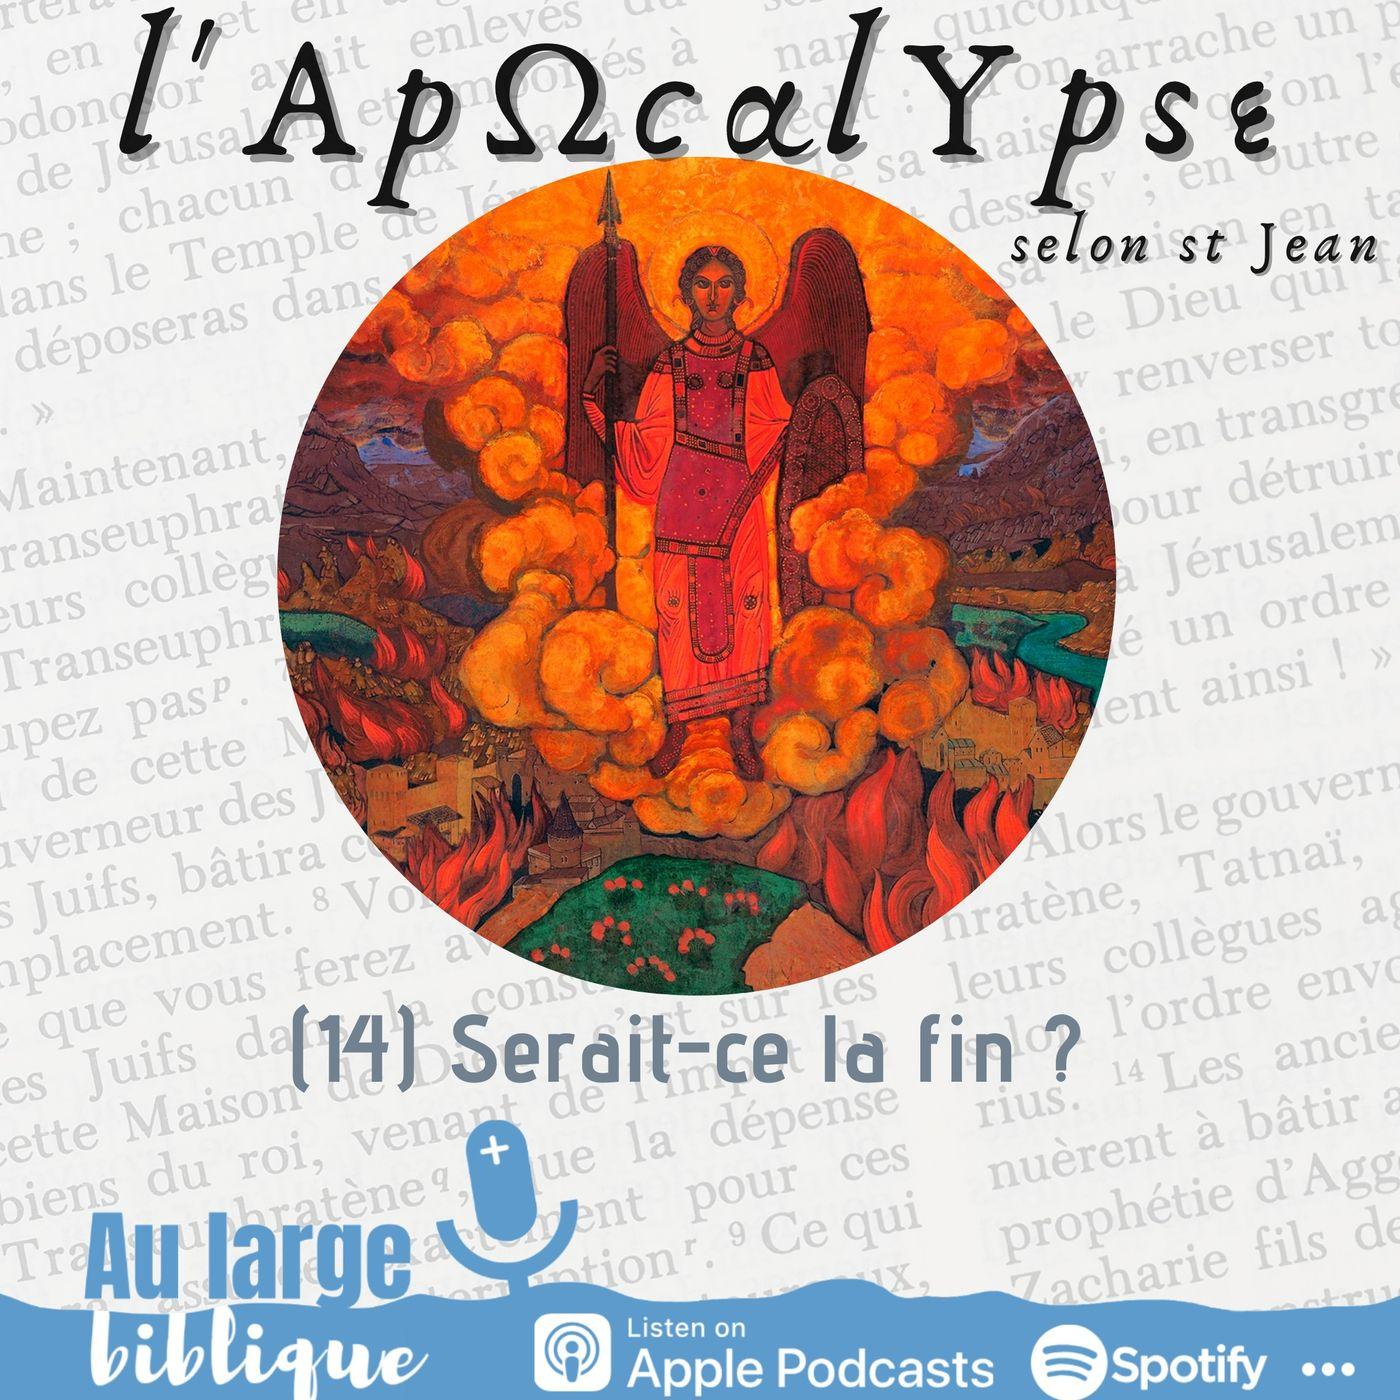 #239 L'Apocalypse (14) Serait-ce la fin ?